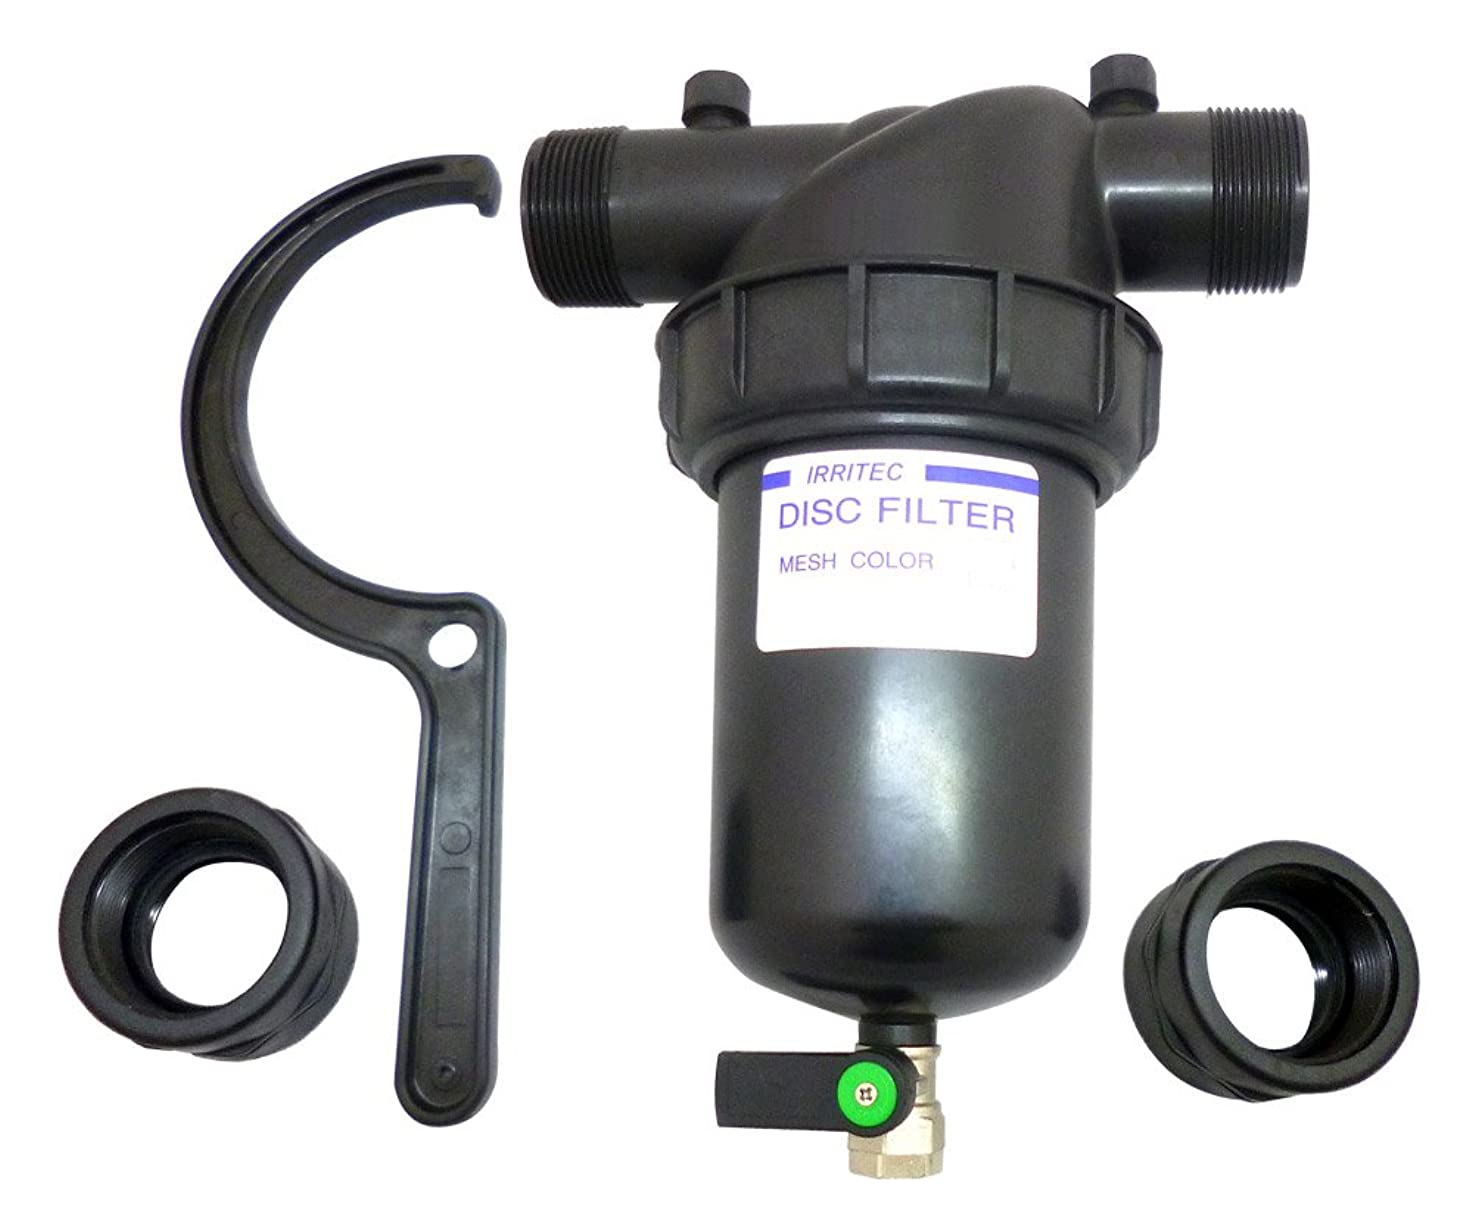 伝染病バレル継続中イリテック ディスクフィルター 1 1/2 (40mm) 200# FA-1315-200